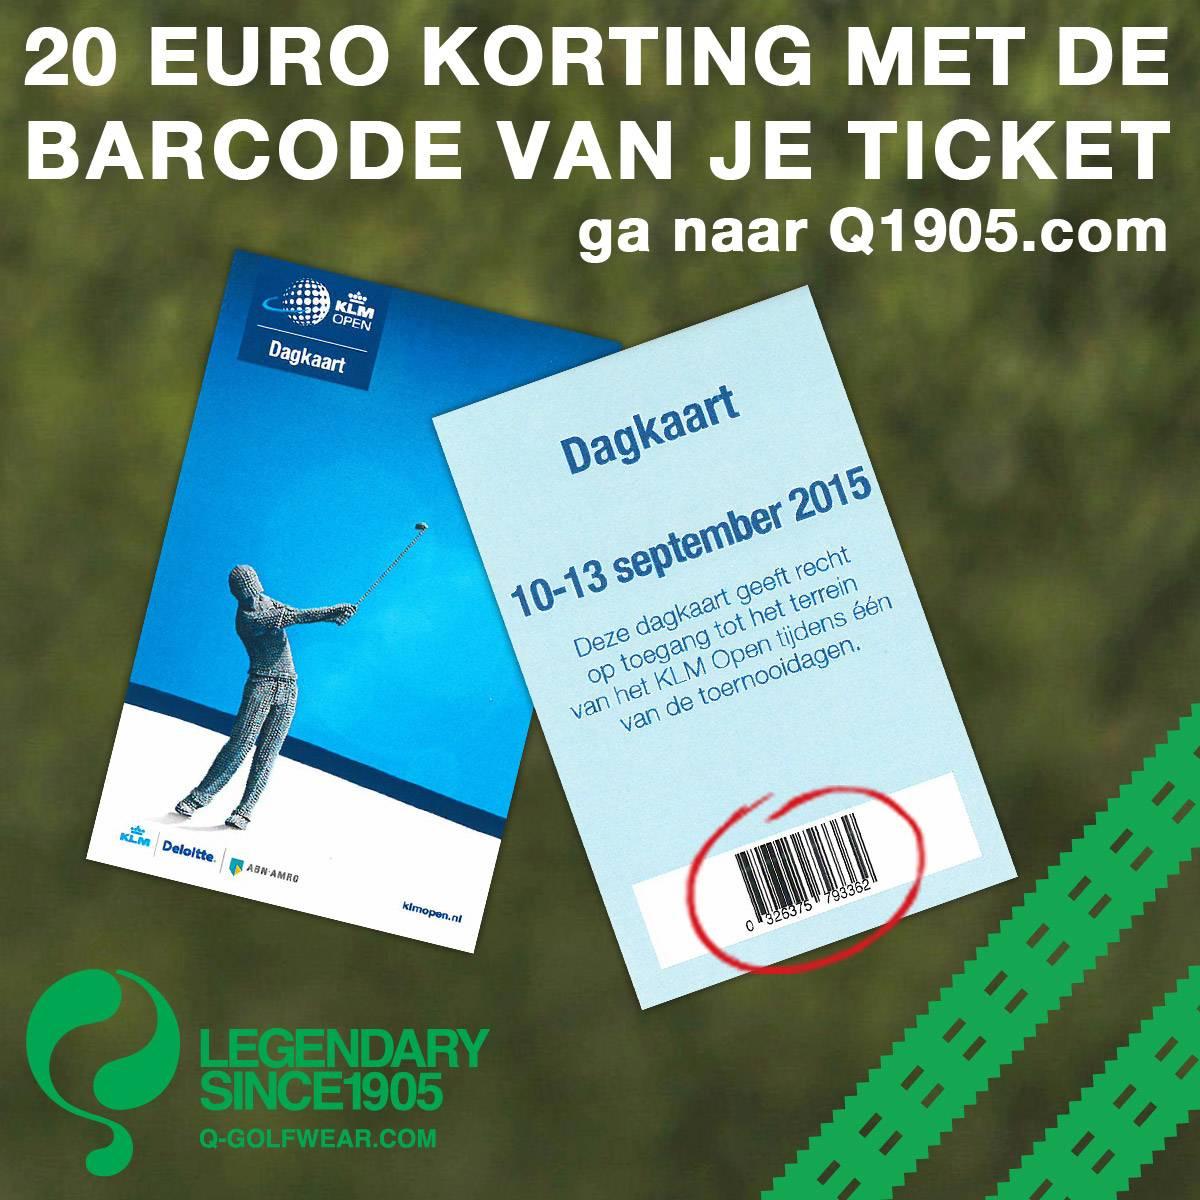 Jouw KLM Open ticket is geld waard